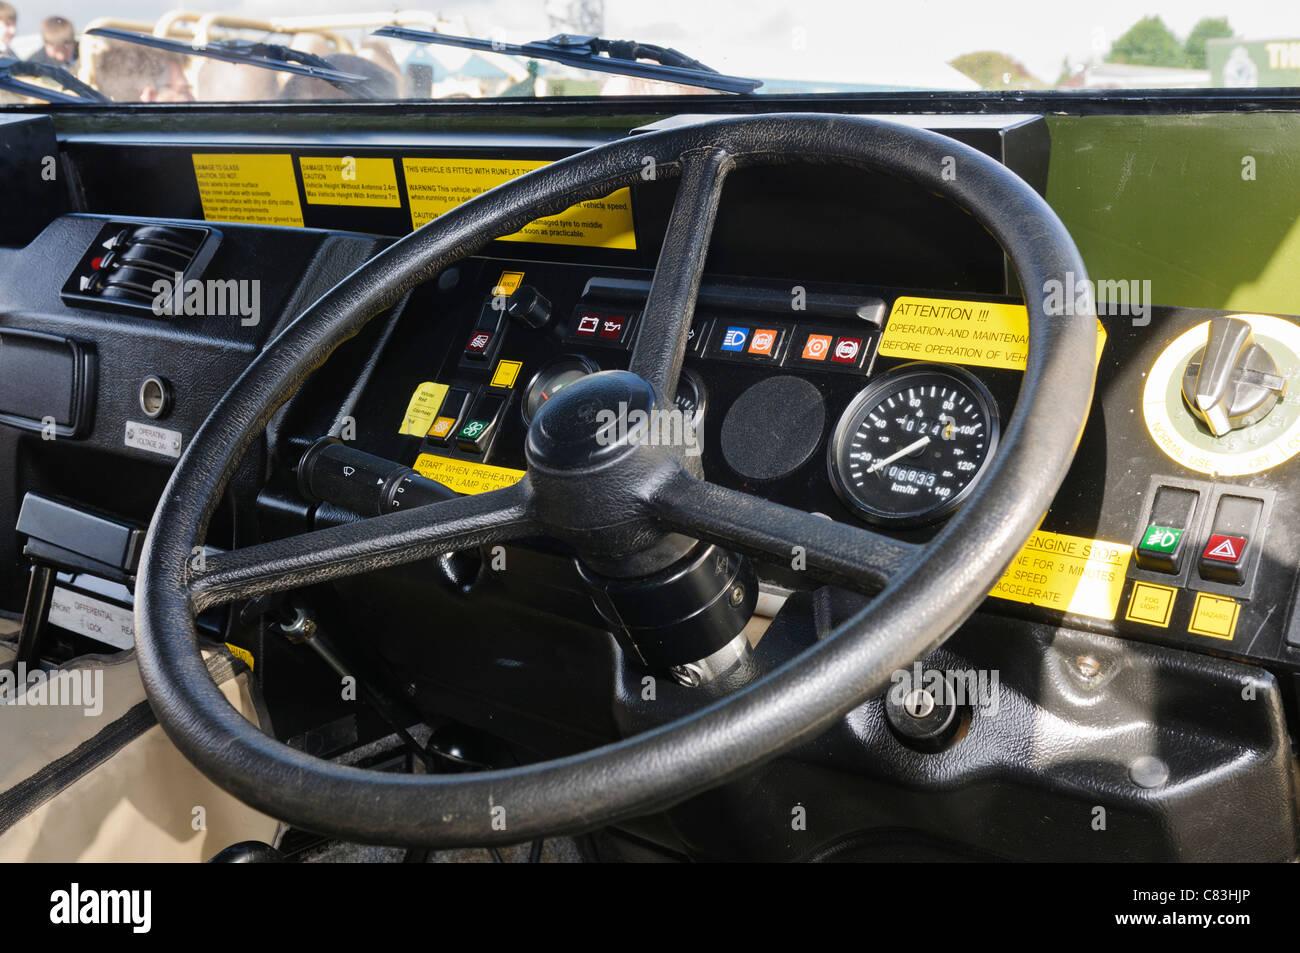 En el interior de un vehículo blindado de transporte de personal de vectores Imagen De Stock